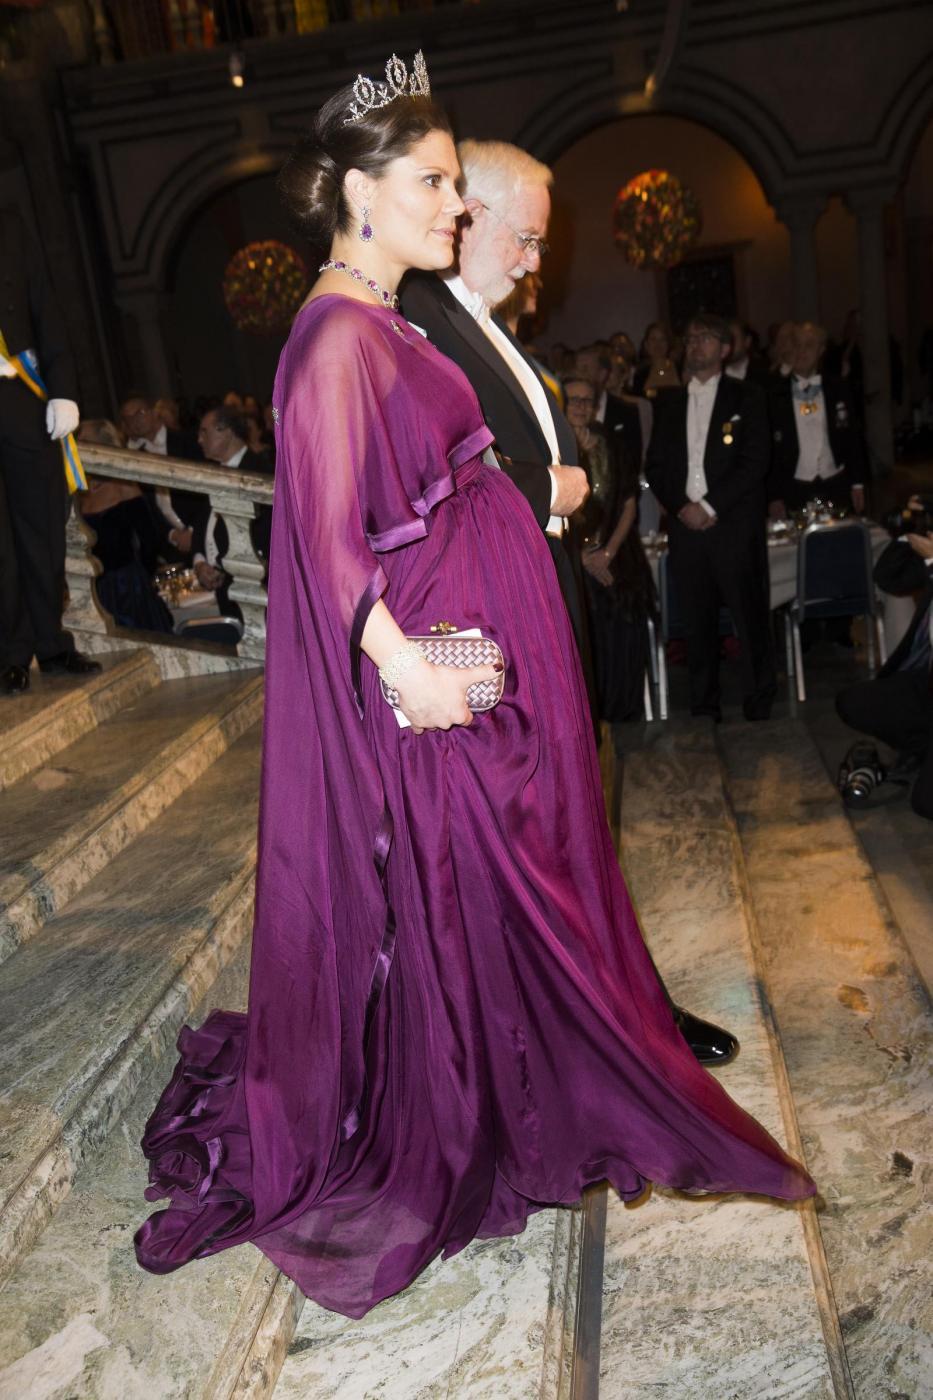 Nobel, principessa di Svezia incinta con abito a vita alta5